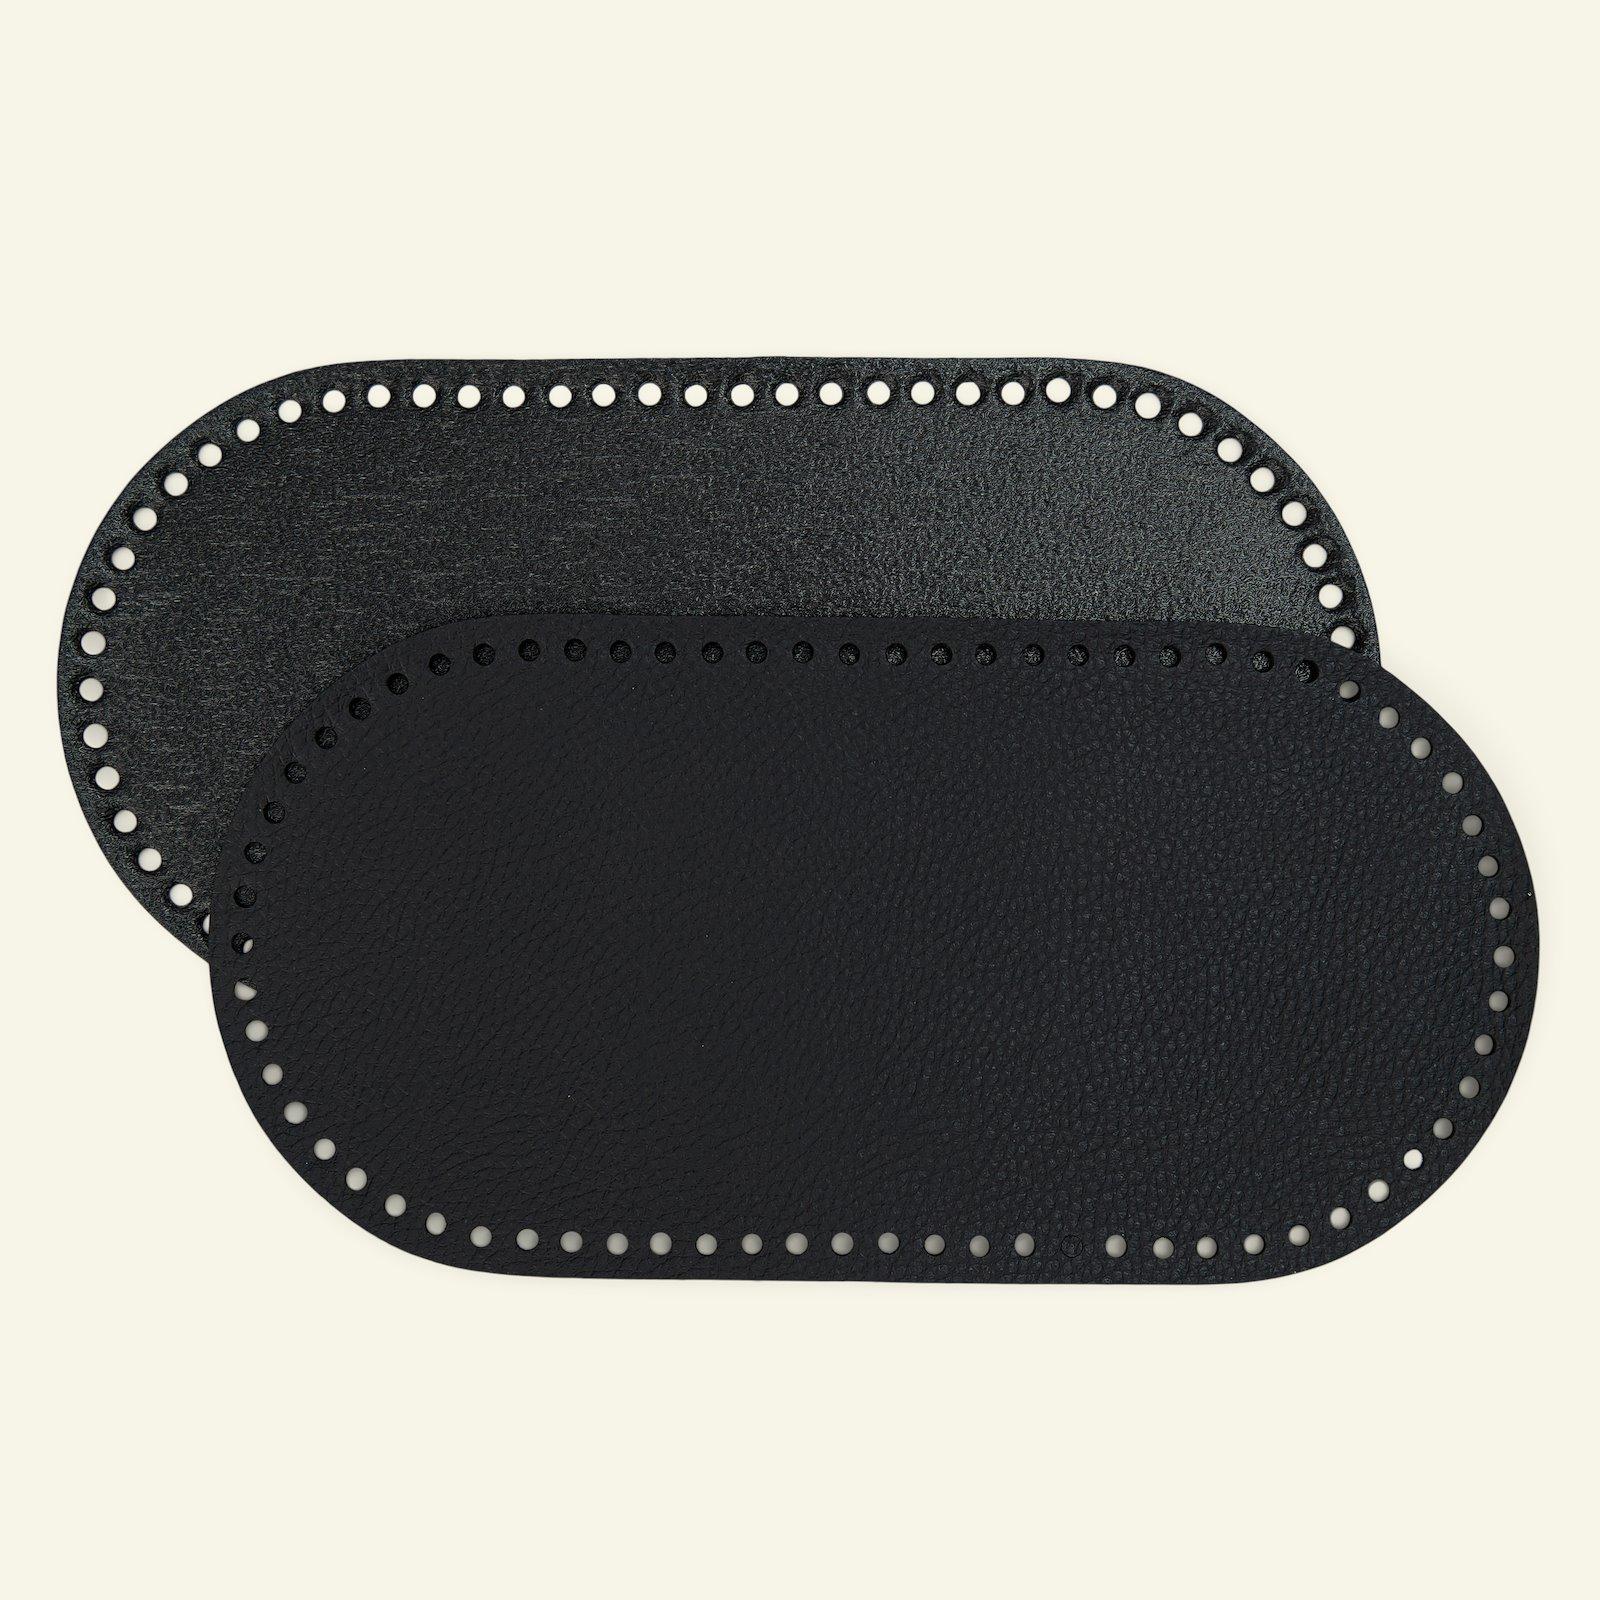 FRAYA bag/basket bottom 15x30cm black 1p 83313_pack